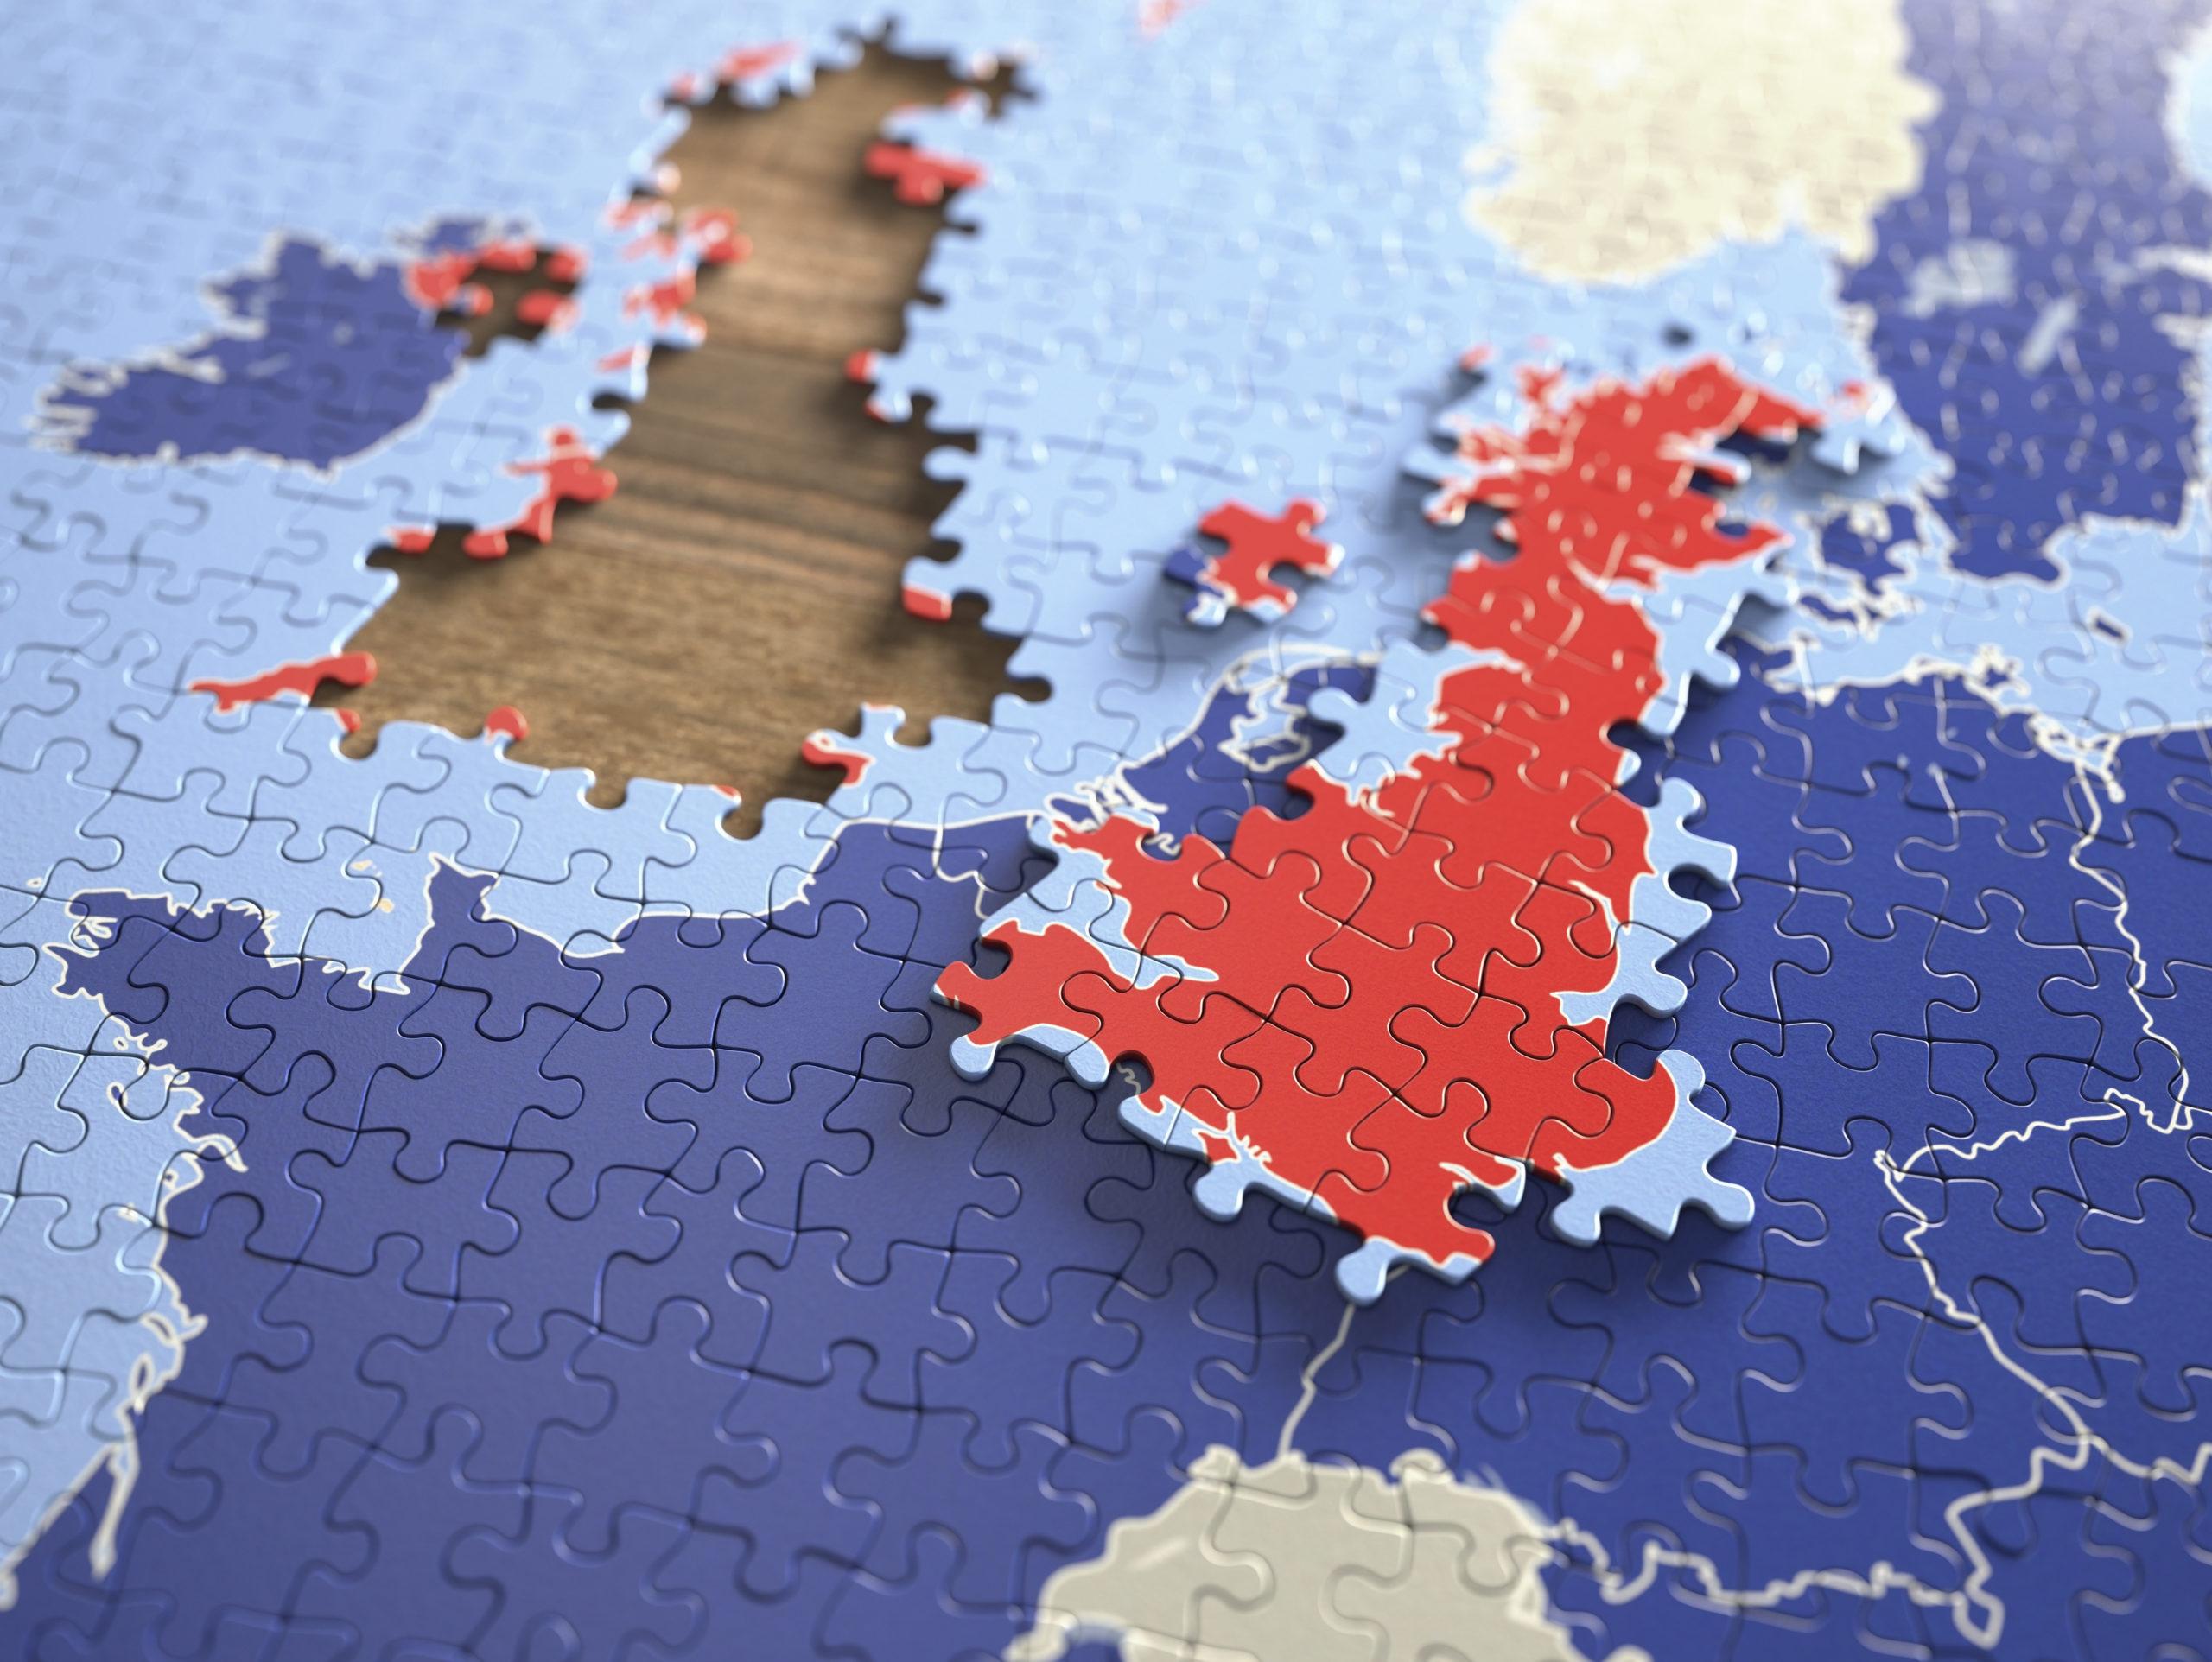 21/07 – If it's not Covid, it's Brexit